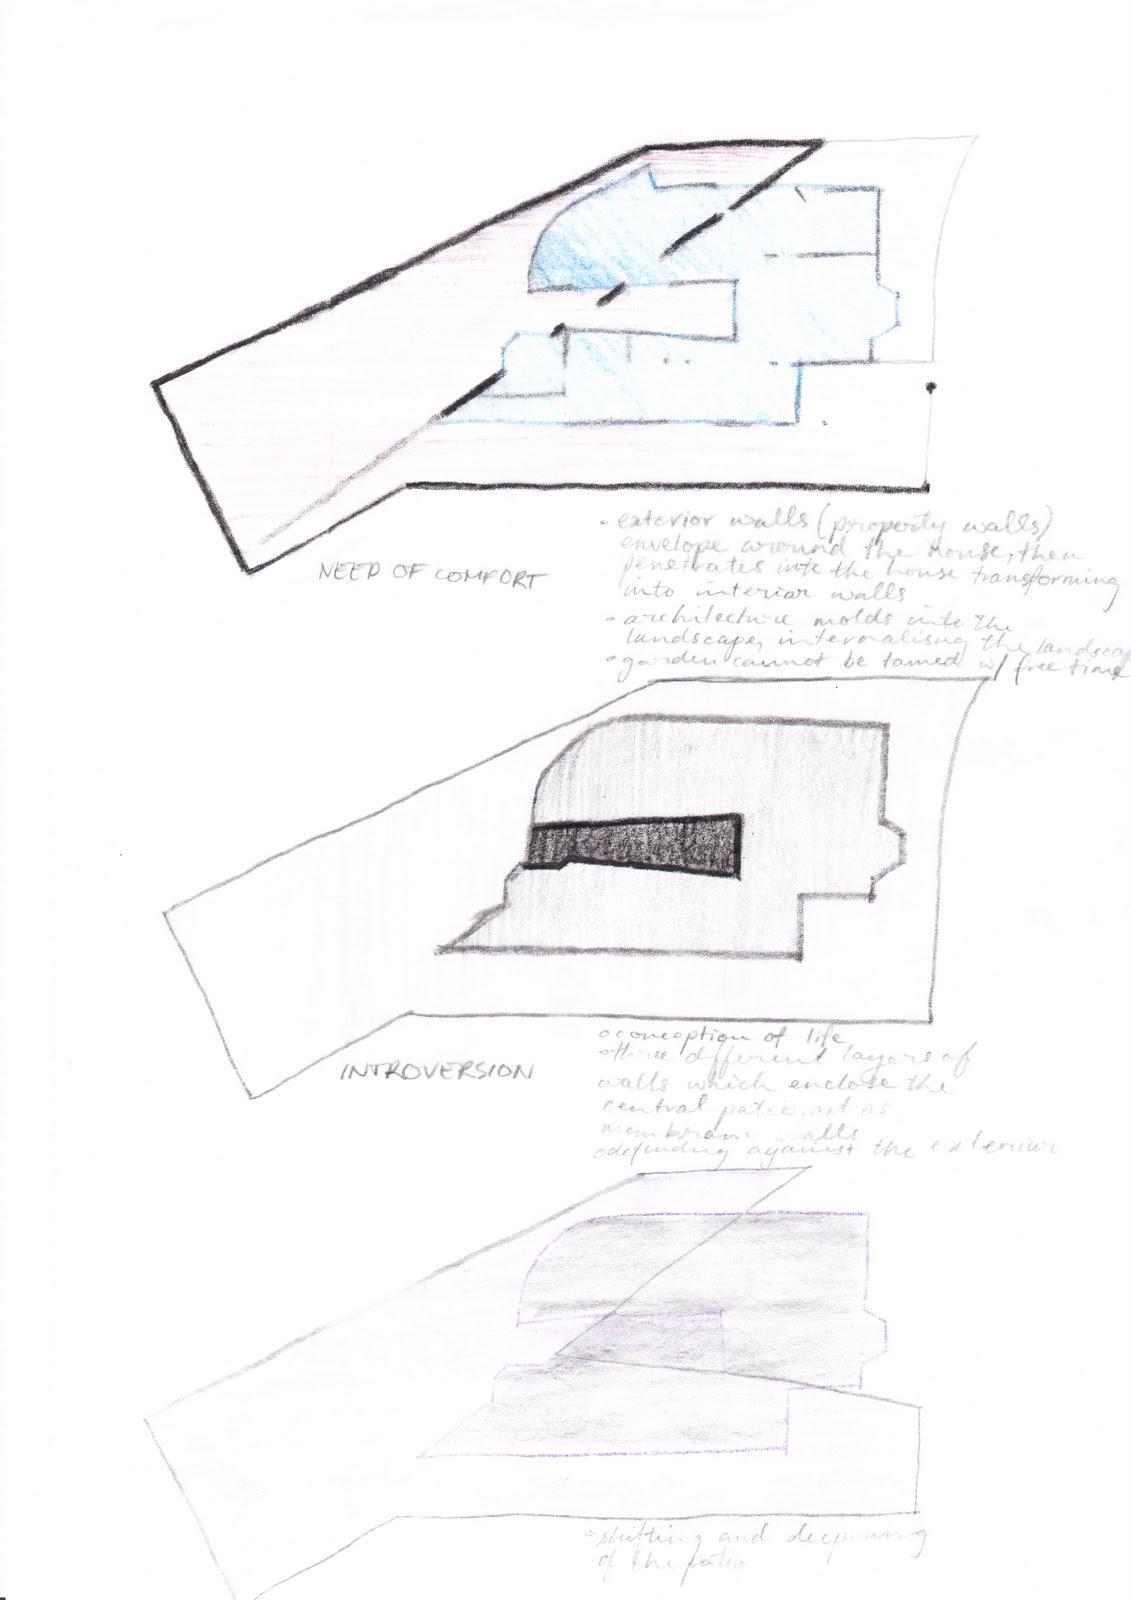 Luen Samonte Arch Casa Antonio Sizaytical Diagrams